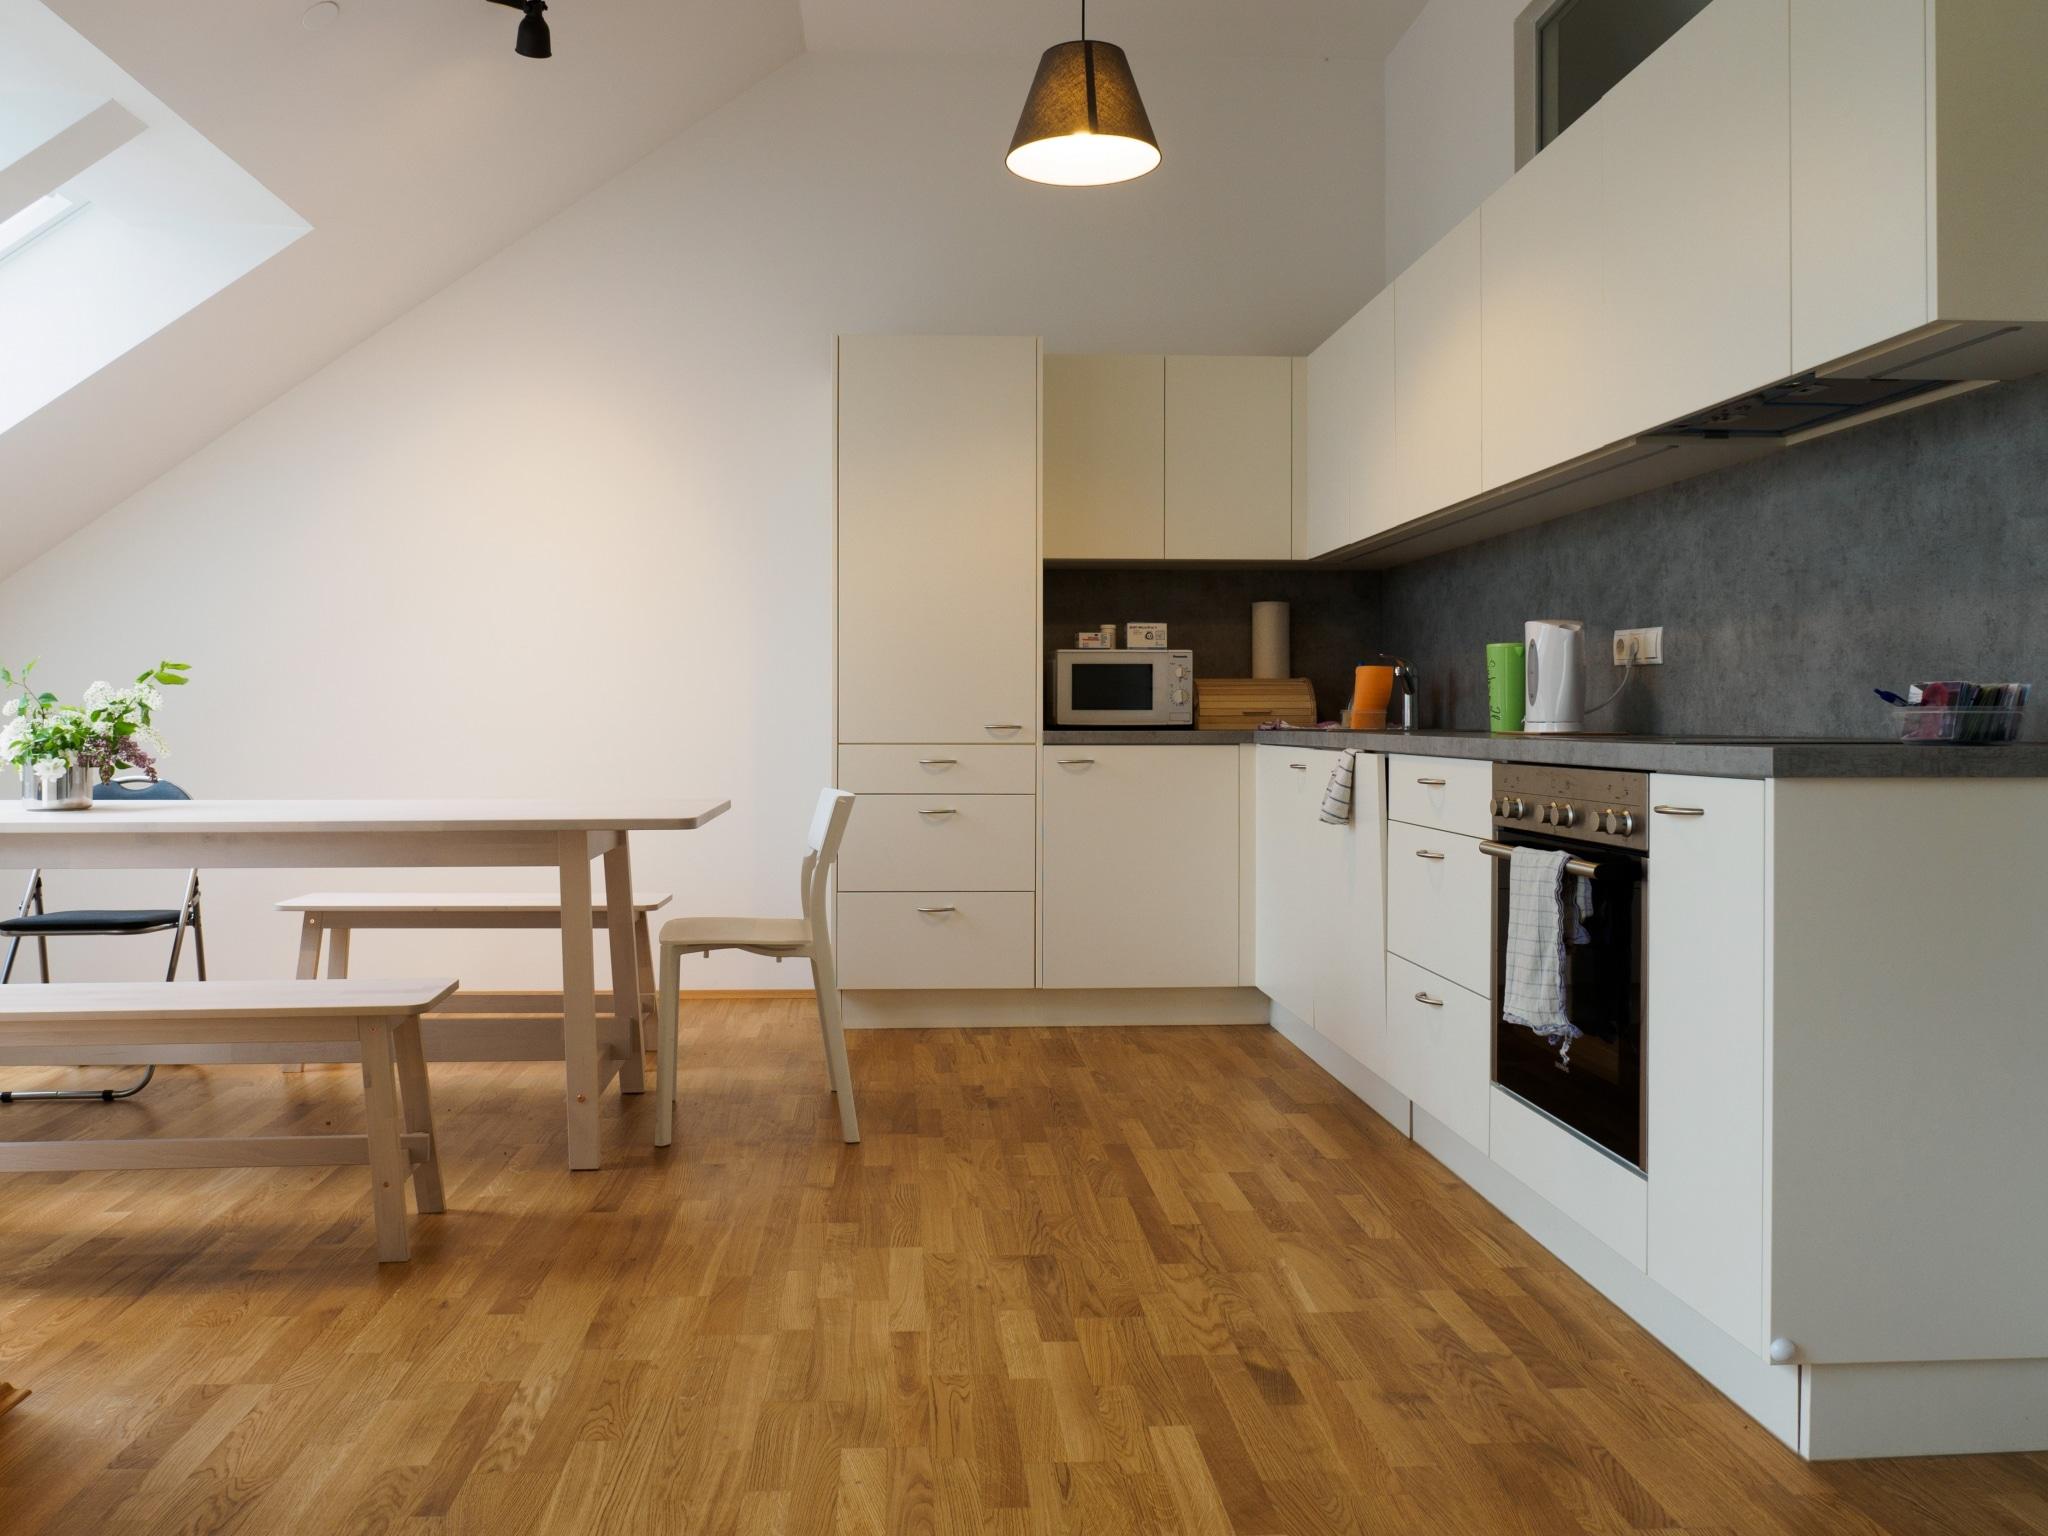 Küche in Wohnhaus